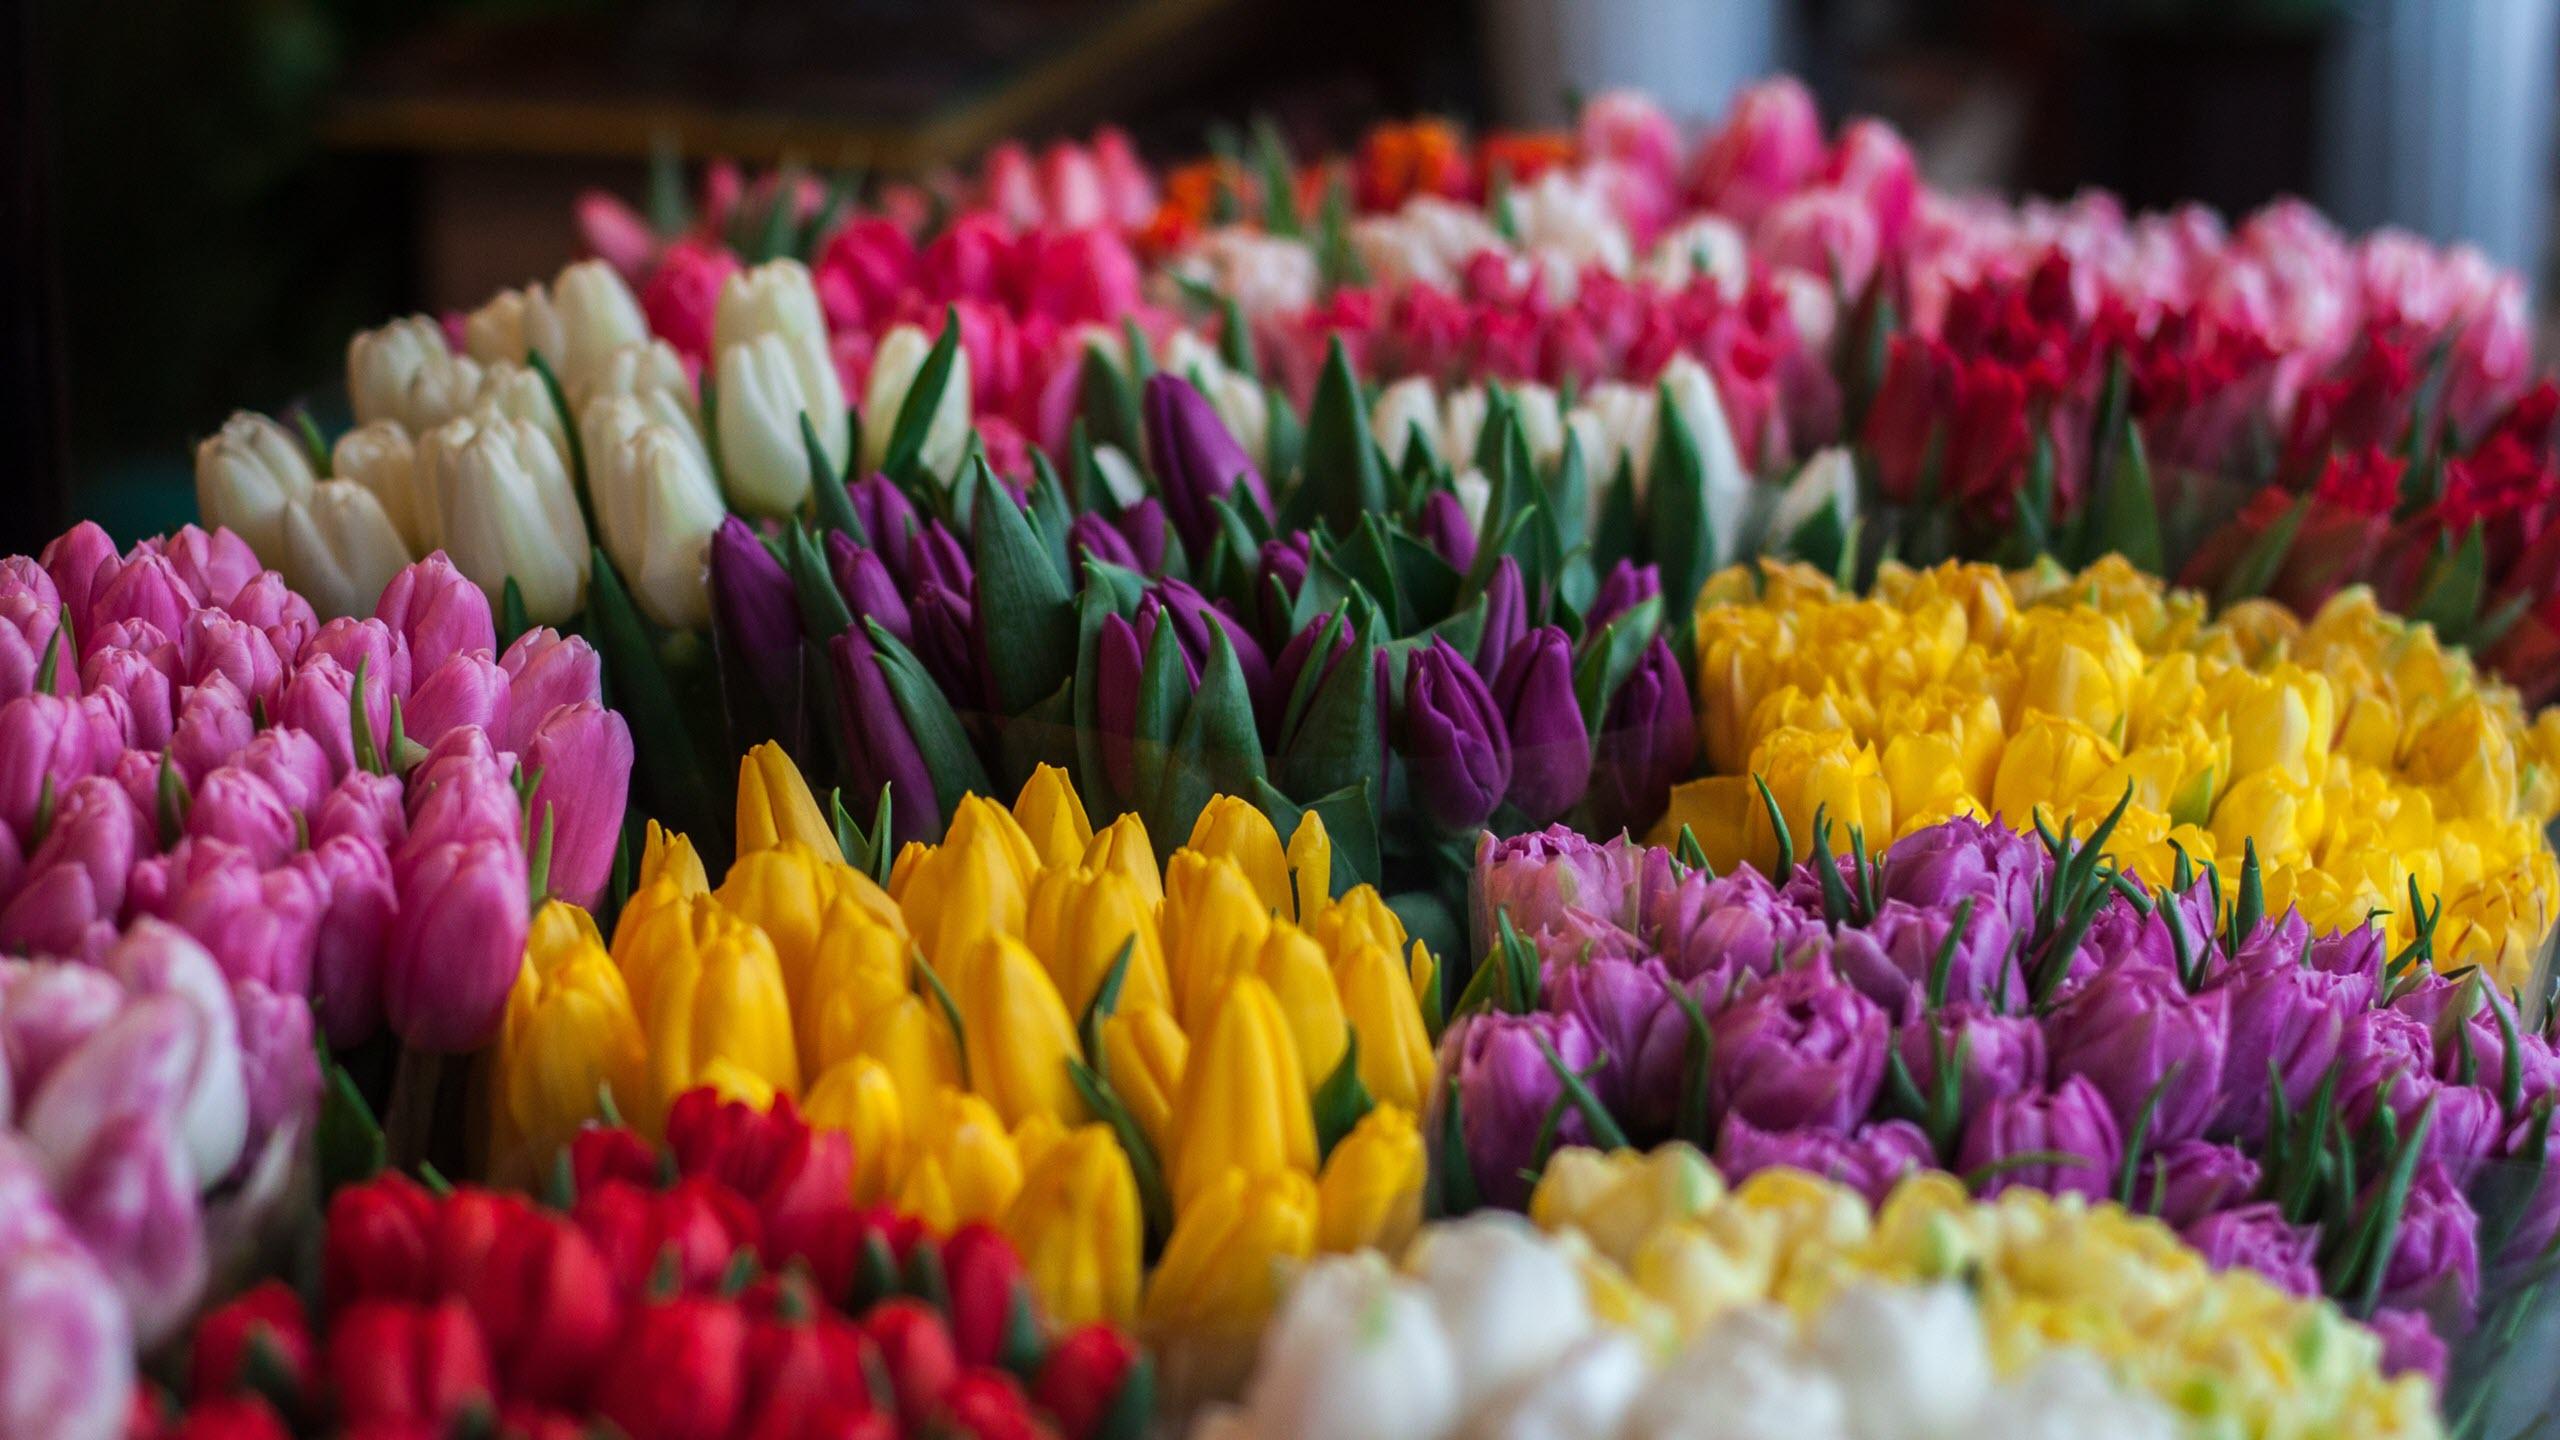 Hình nền vườn hoa mùa xuân đẹp